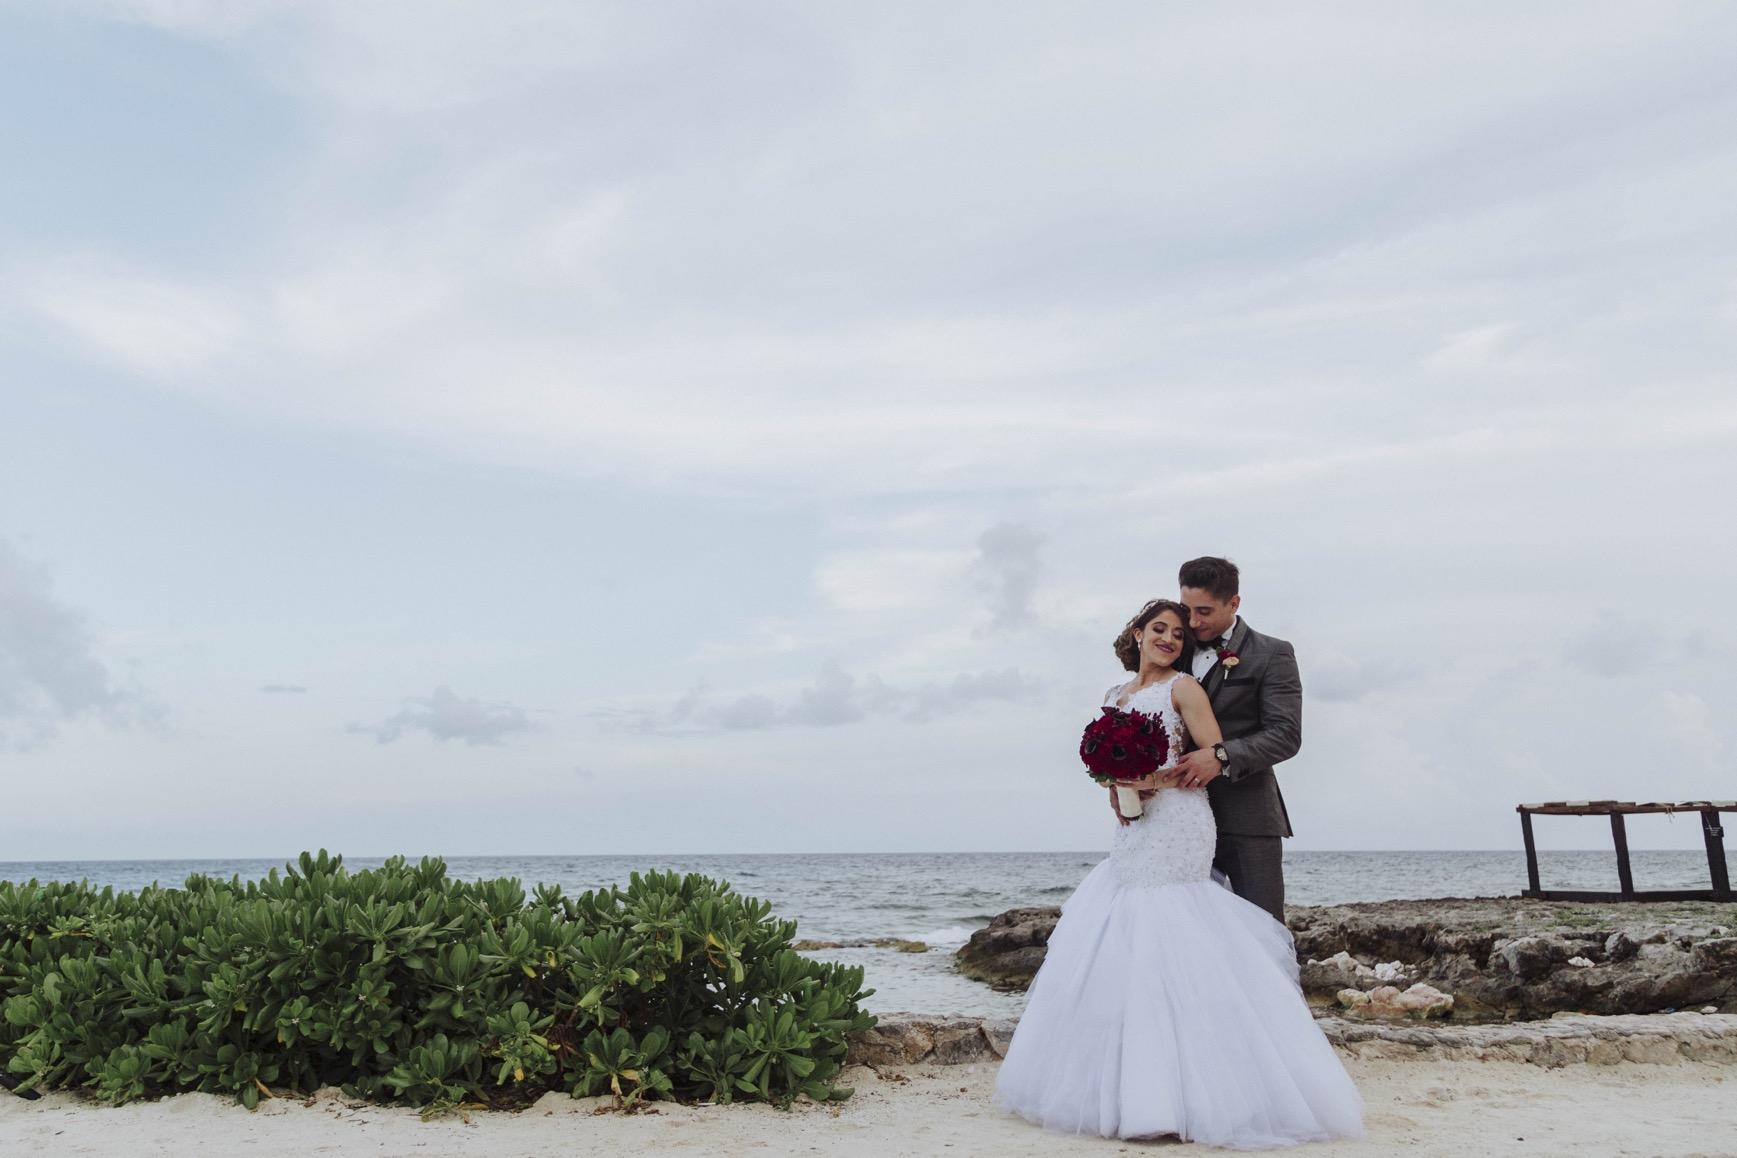 fotografo_bodas_profesional_zacatecas_riviera_maya_cancun-271